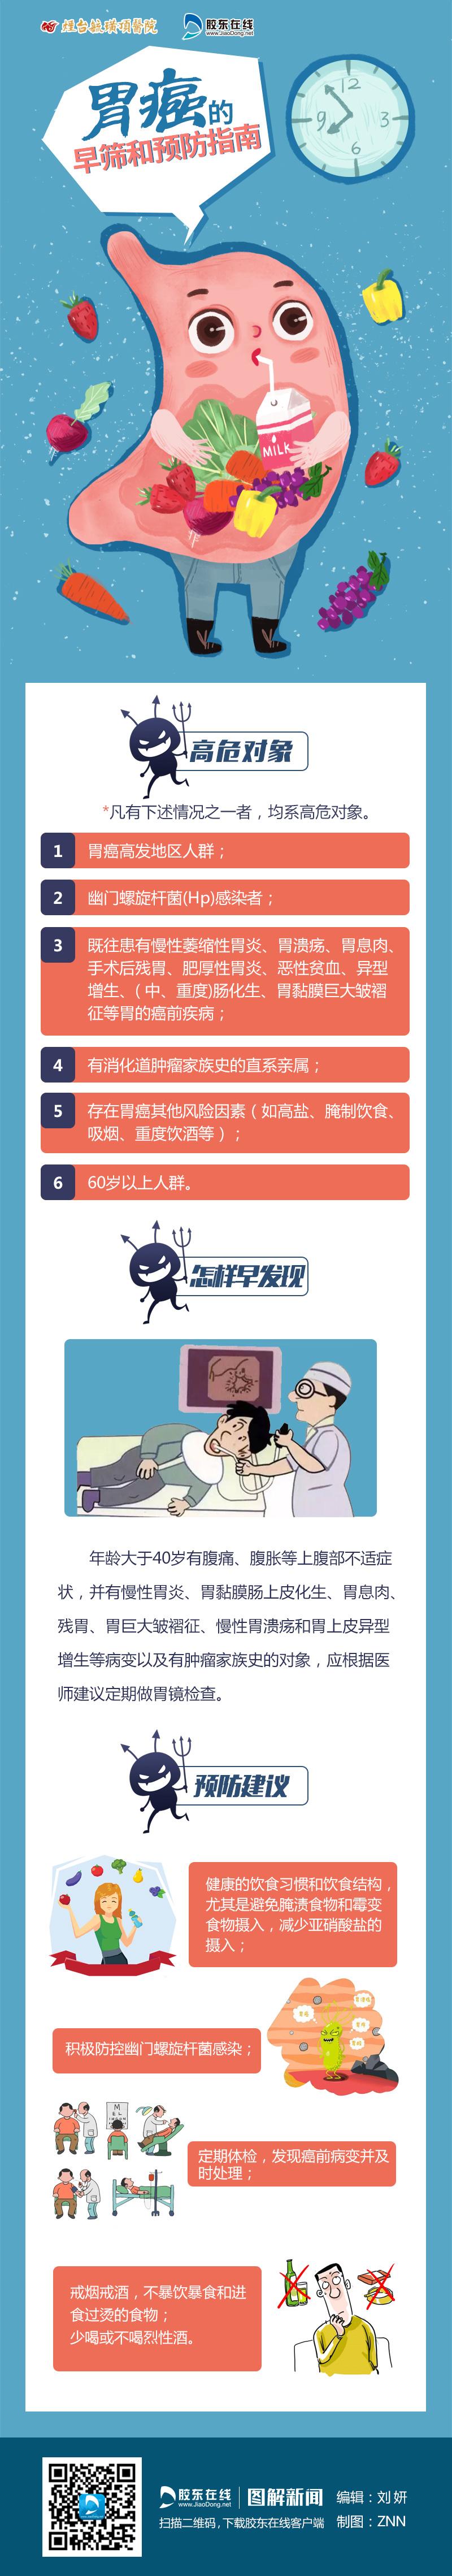 胃癌�D解